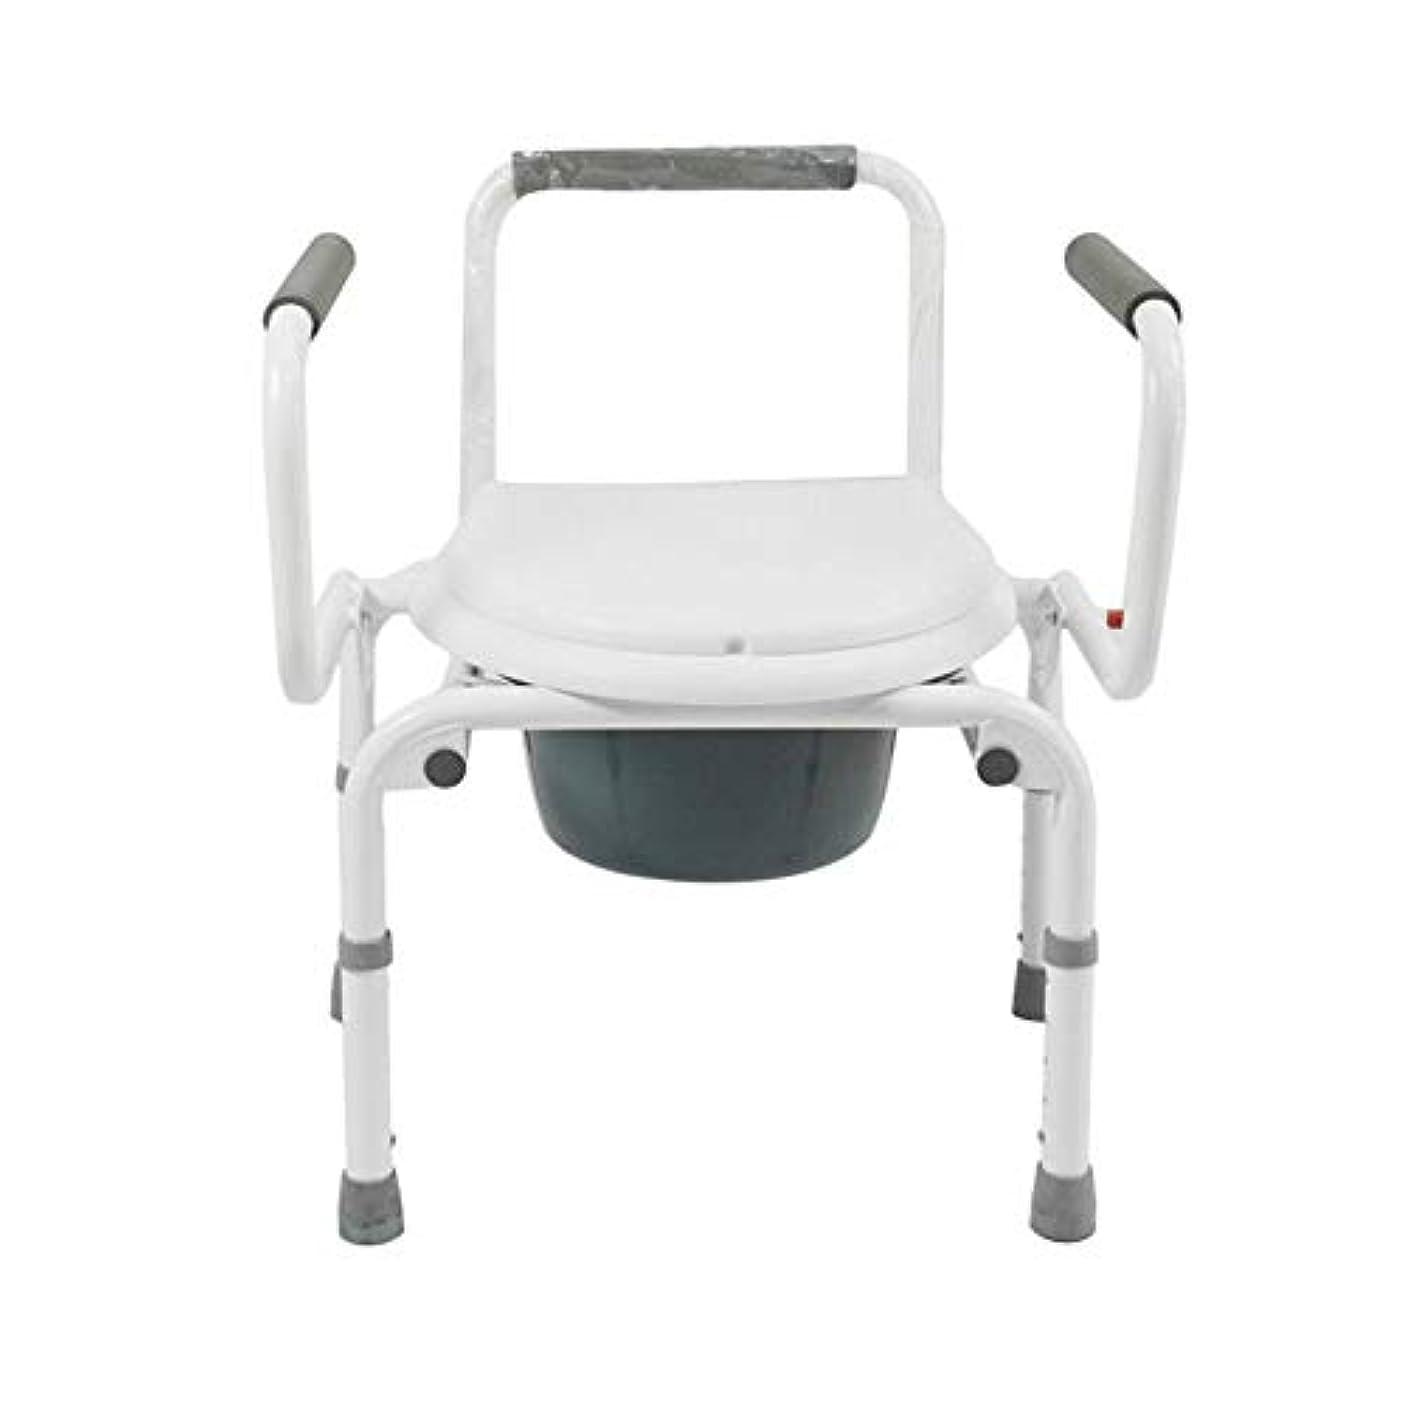 海岸クーポンミュウミュウ便器椅子折りたたみバケットモバイルトイレスツール上下調節アームレストホーム用ポータブルトイレシート